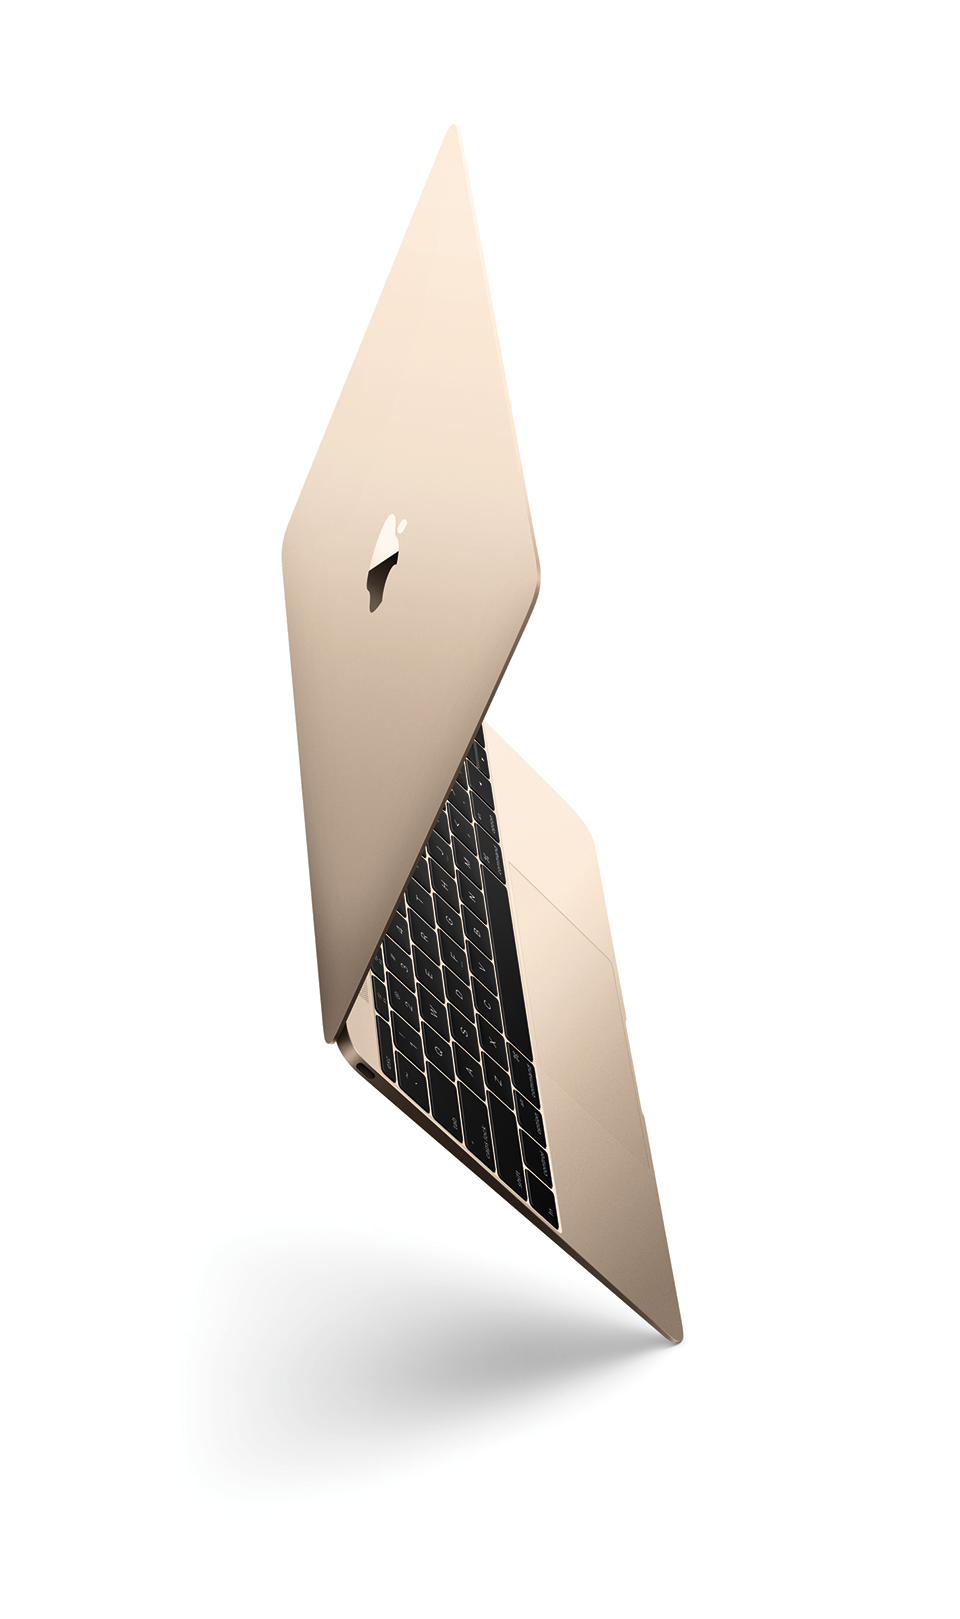 macbook keynote apple